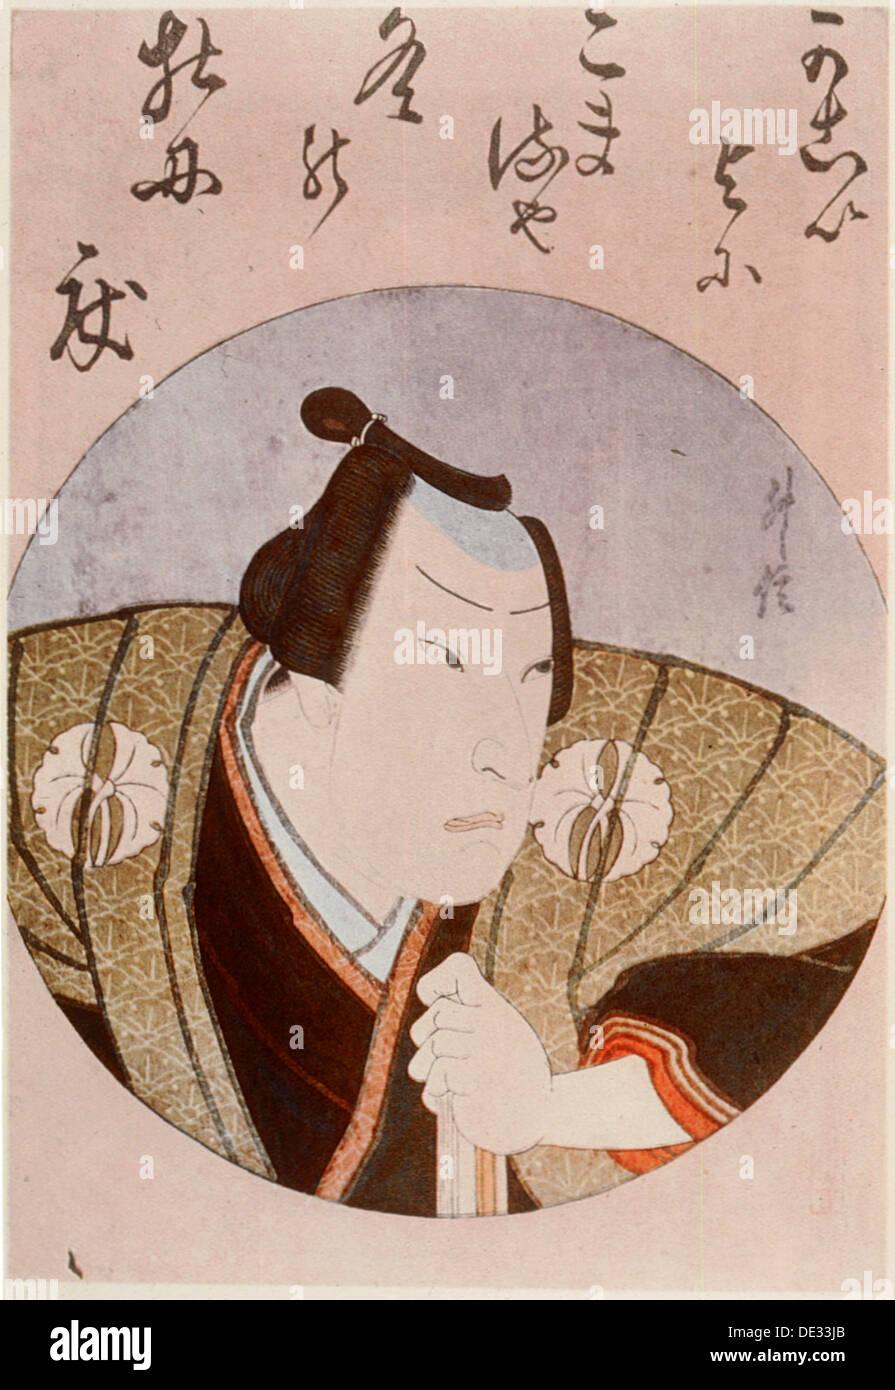 Osaka xilografia raffigurante un attore di teatro Kabuki giocando un ruolo sconosciuto. Immagini Stock